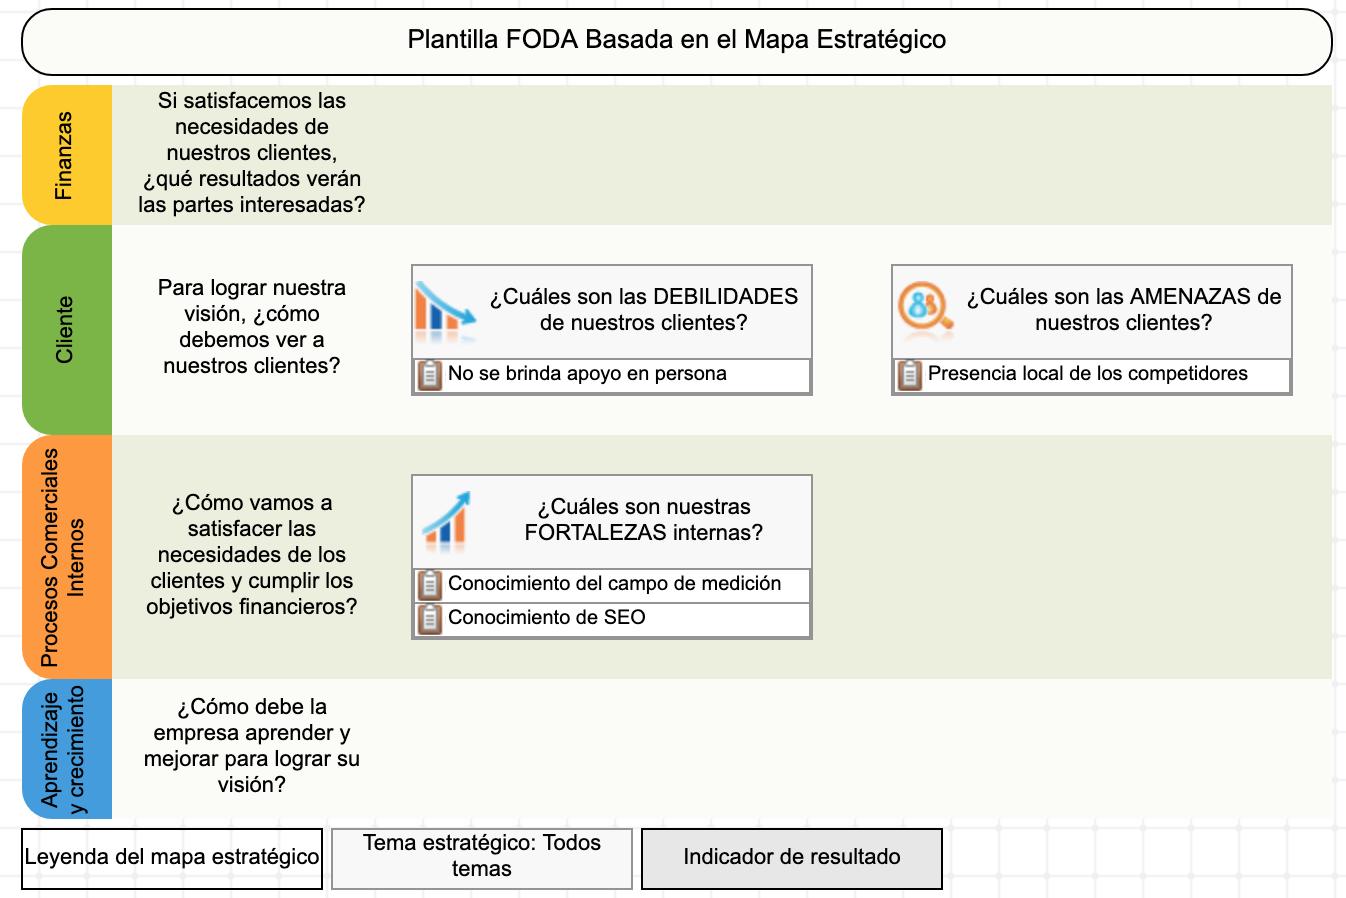 Ejemplo de uso de la plantilla FODA+E